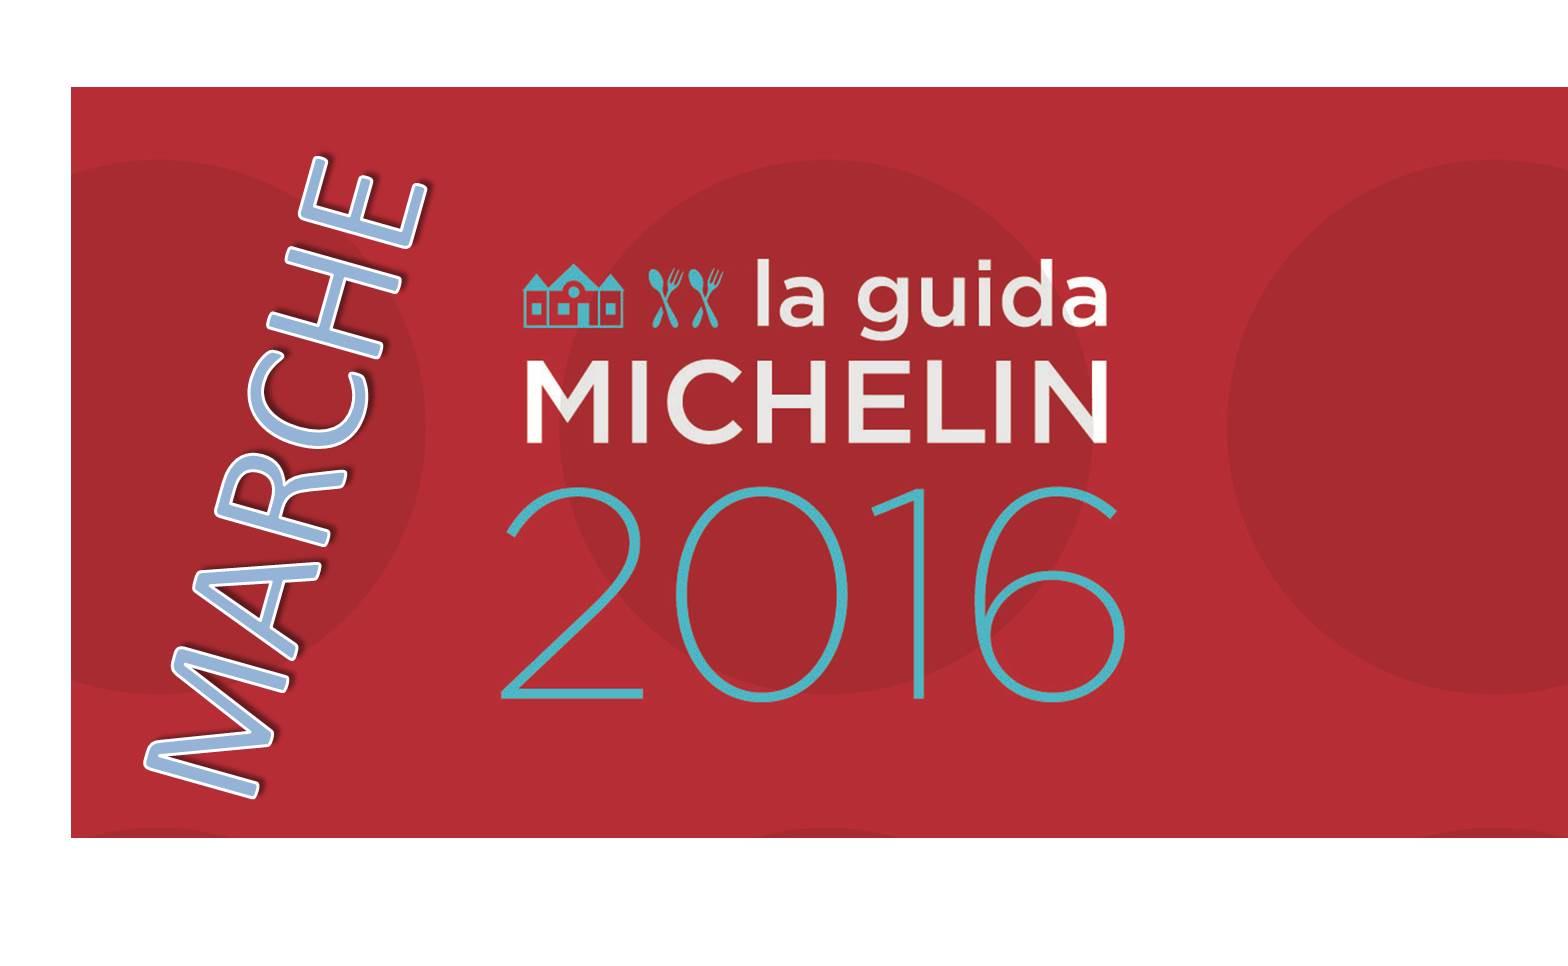 Migliori ristoranti Michelin 2016 nelle Marche